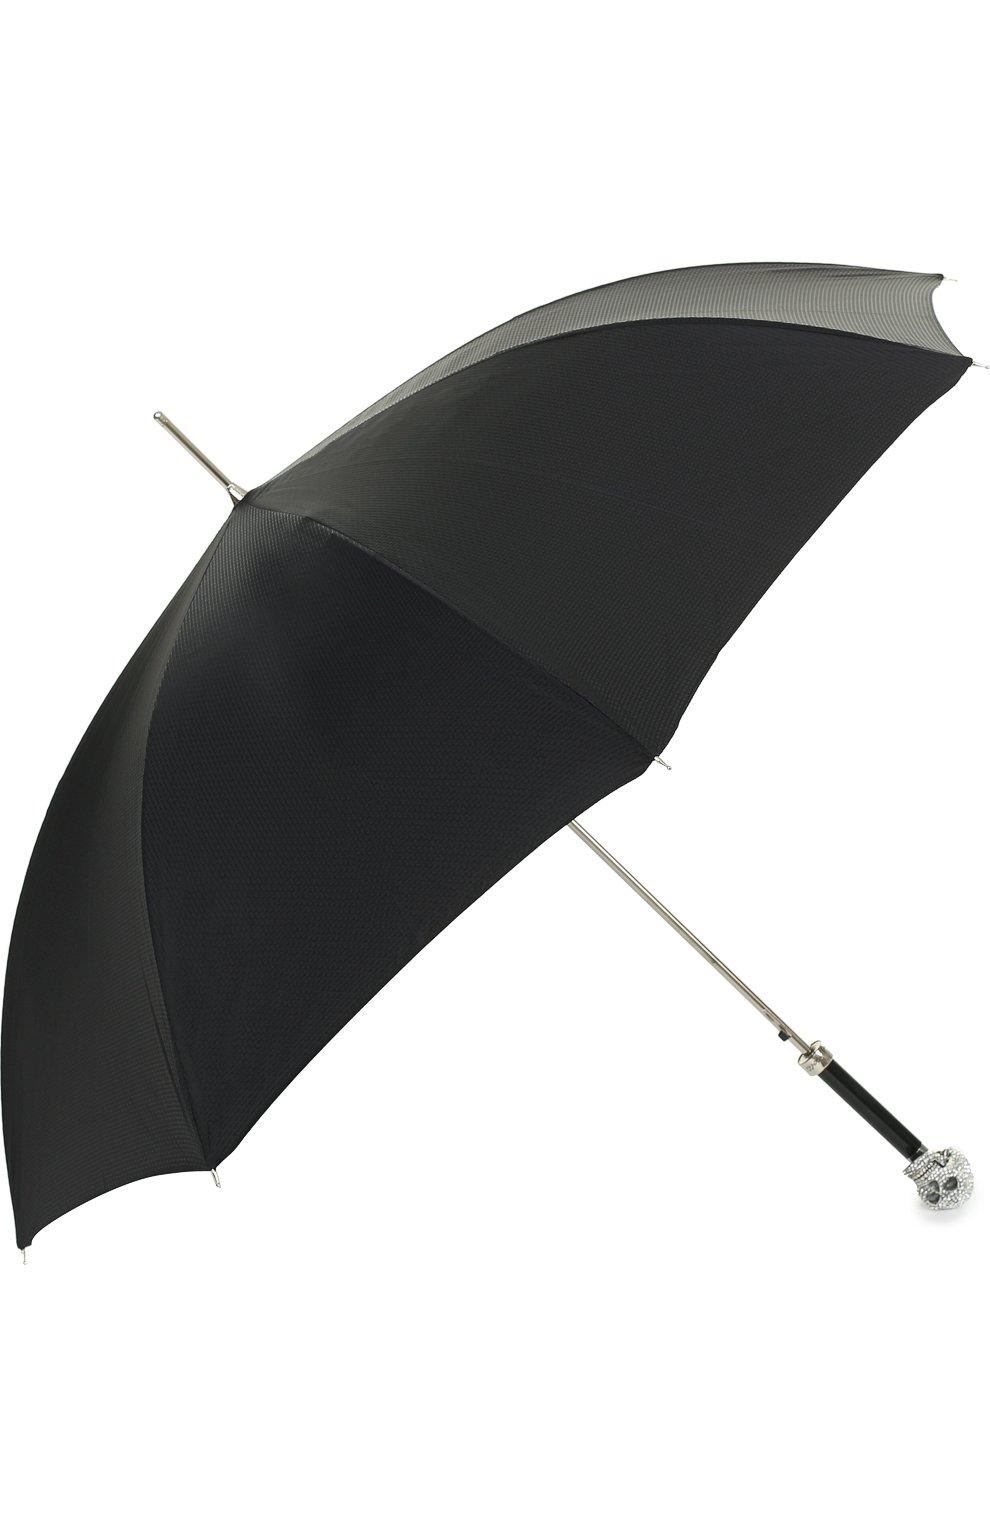 Мужской зонт-трость с отделкой кристаллами swarovski PASOTTI OMBRELLI черного цвета, арт. 478/NIAGARA 7079/8/W333 | Фото 2